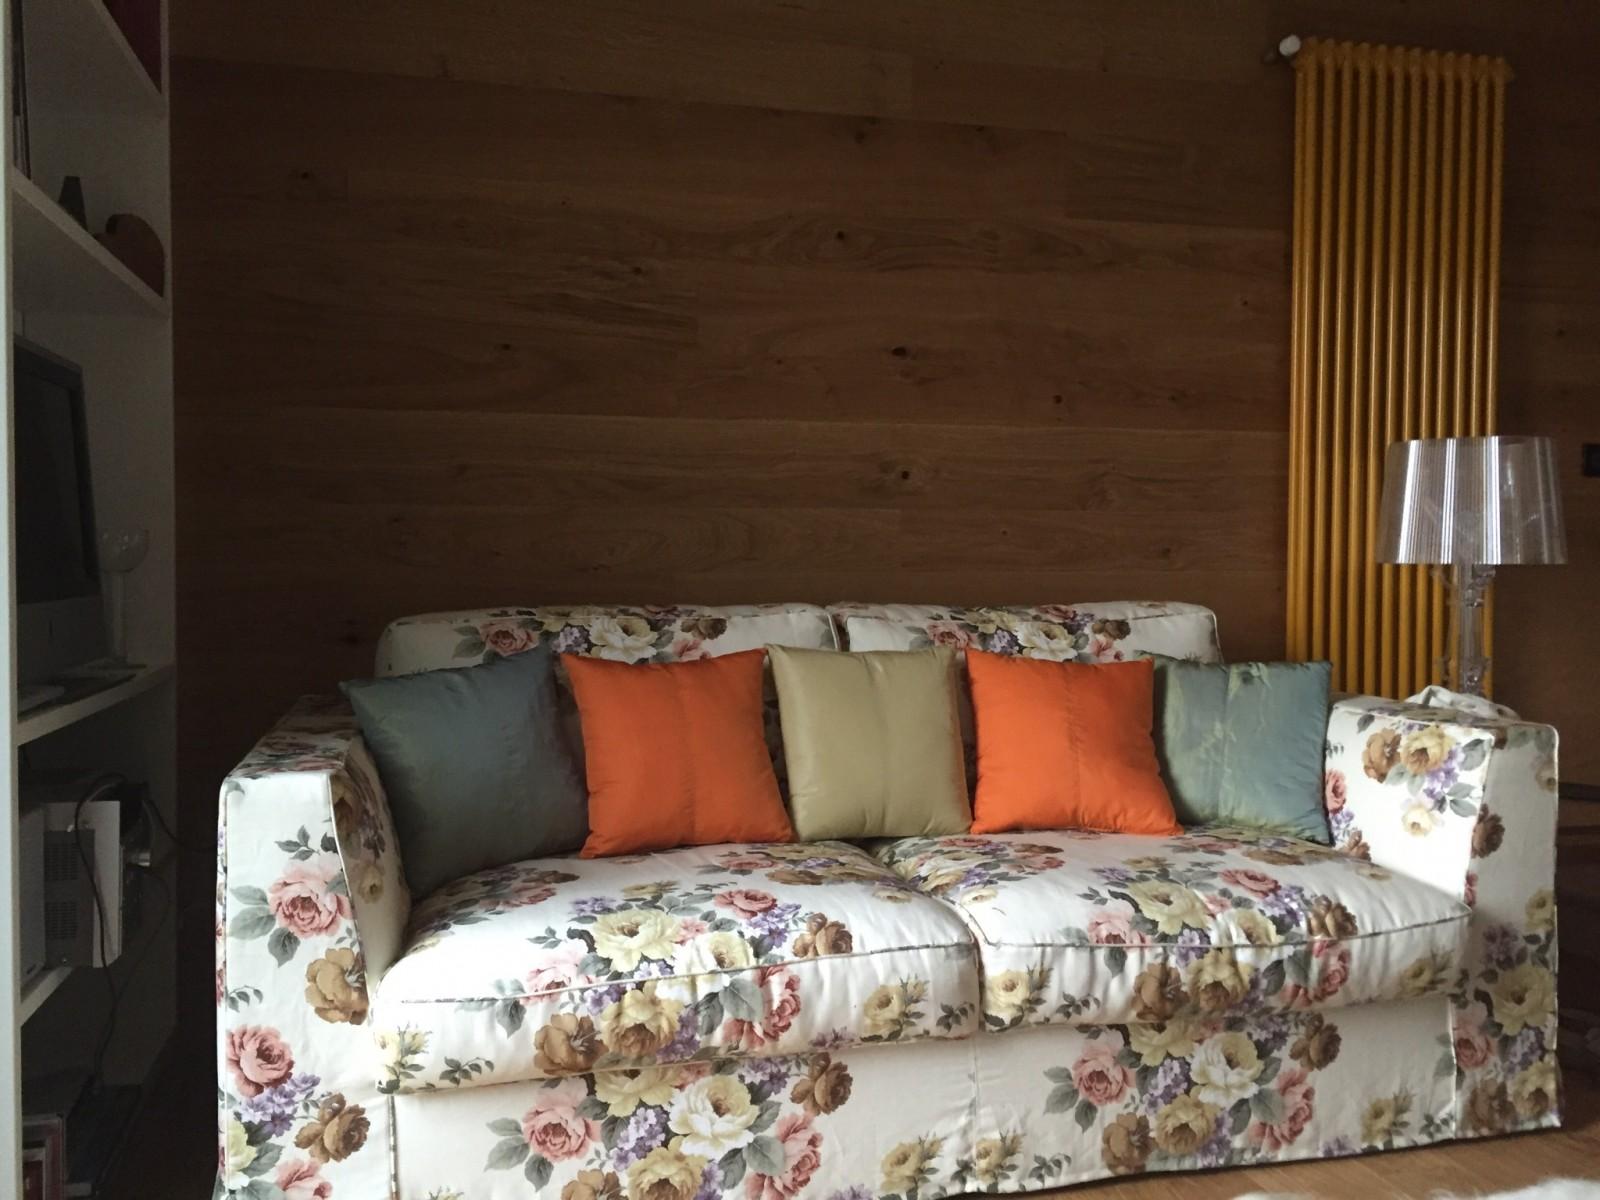 rivestimenti-bagno-cucina-pietra-legno-ceramica-parete-decorativi-interni-esterni-vicenza-padova-treviso-verona-cecilia-soggiorno-dopo-06